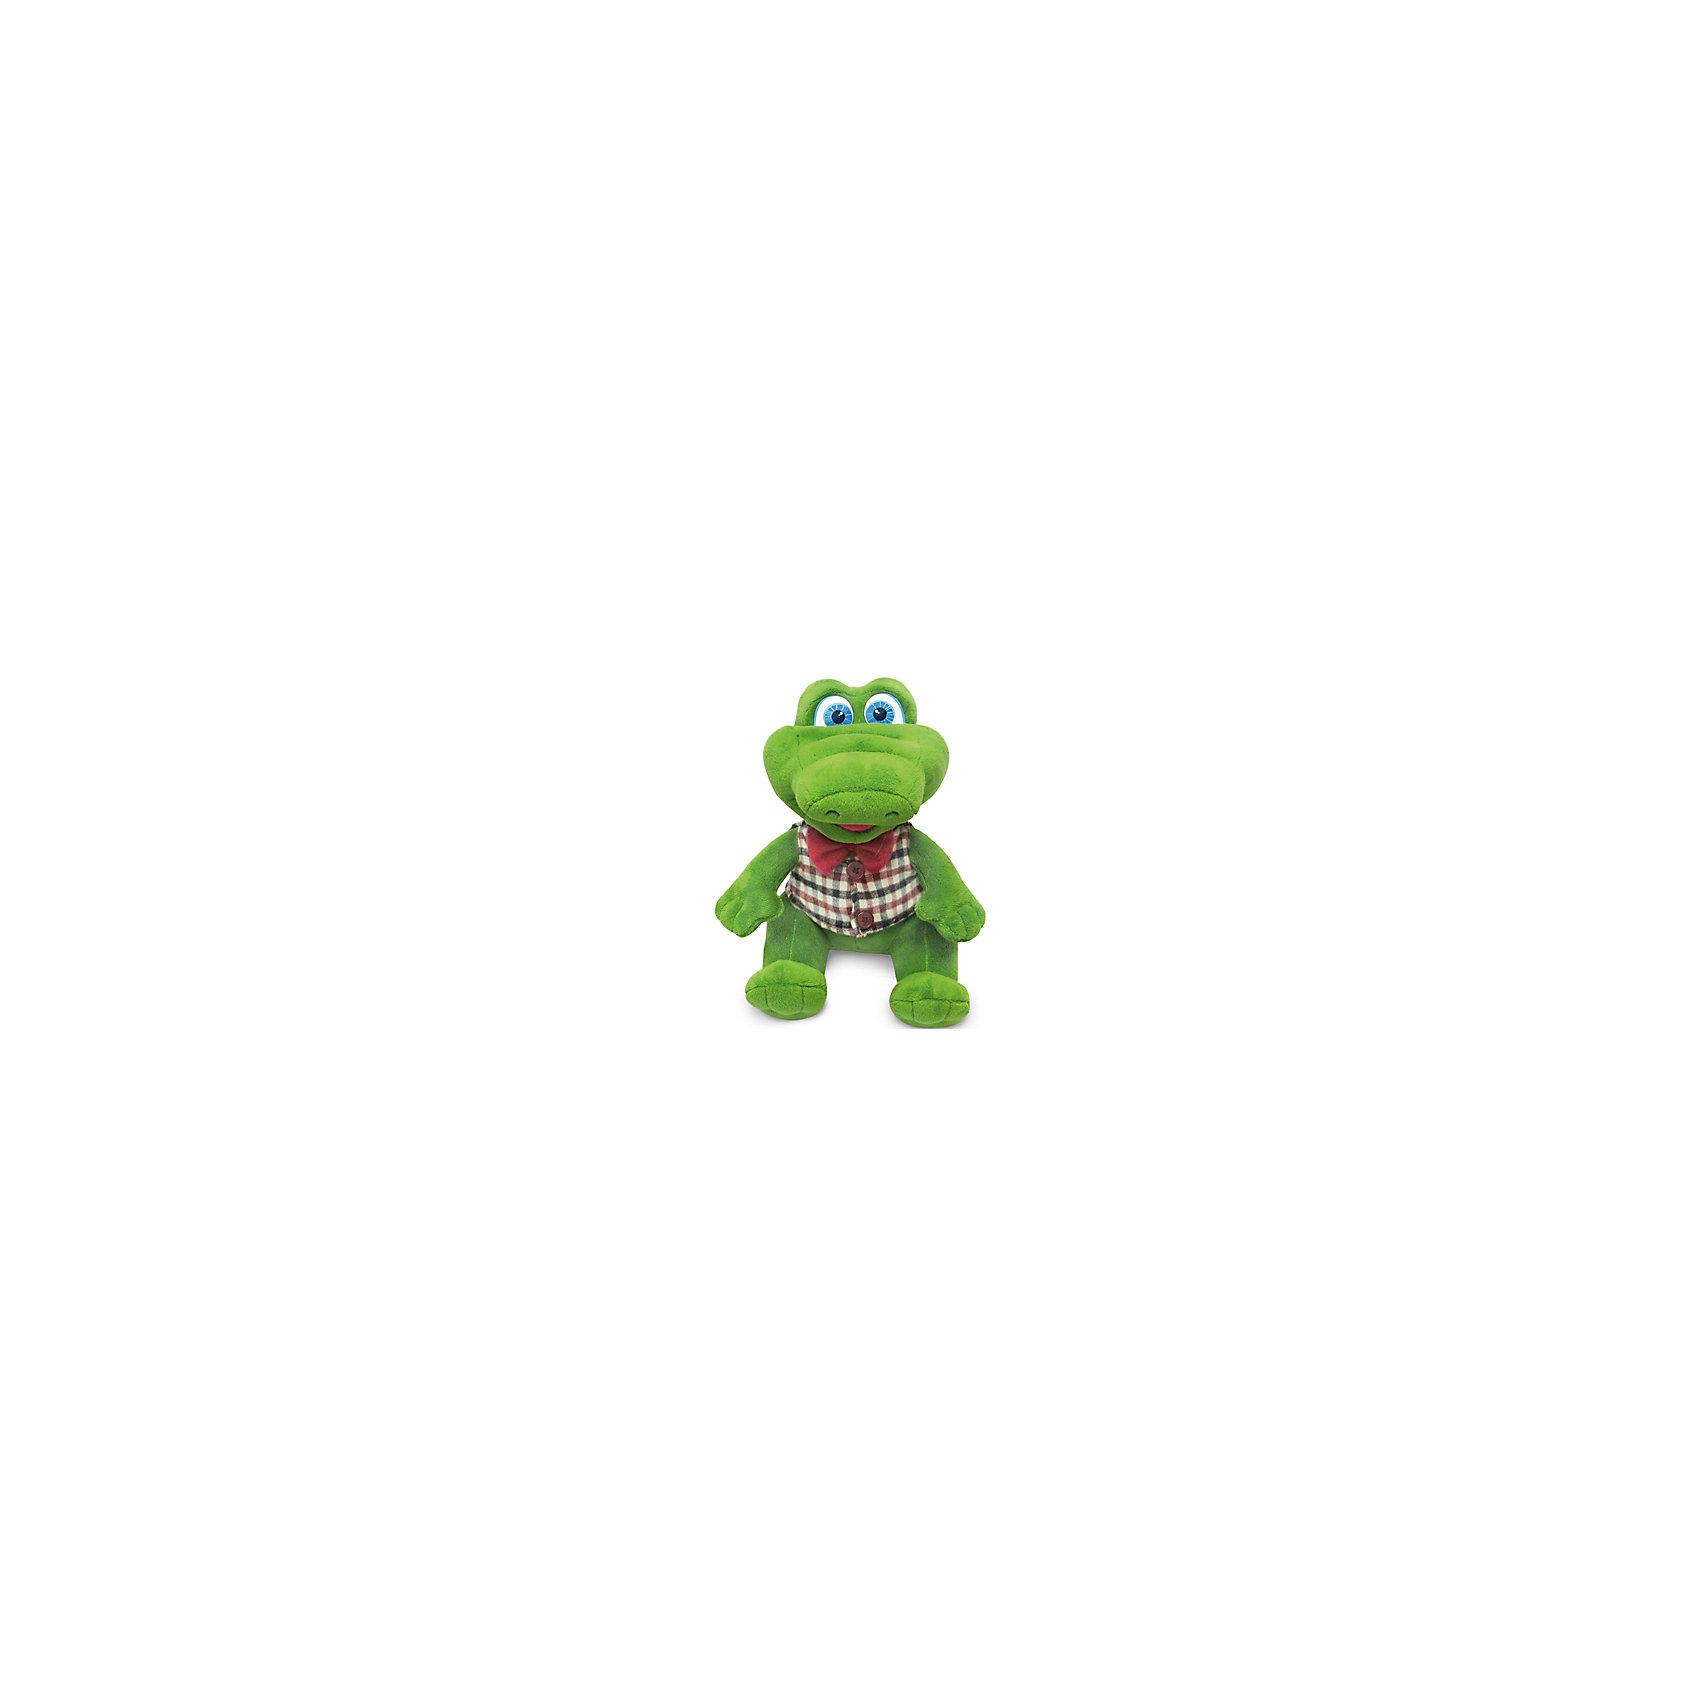 Крокодил в жилетке с бантиком, музыкальный, 19 см, LAVAОчаровательная мягкая игрушка сделана в виде Крокодила в жилете и бабочке. Она поможет ребенку проводить время весело и с пользой (такие игрушки развивают воображение и моторику). В игрушке есть встроенный звуковой модуль, работающий на батарейках.<br>Размер игрушки универсален - 19 сантиметров, её удобно брать с собой в поездки и на прогулку. Сделан Крокодил из качественных и безопасных для ребенка материалов, которые еще и приятны на ощупь. Эта игрушка может стать и отличным подарком для взрослого.<br><br>Дополнительная информация:<br><br>- материал: текстиль, пластик;<br>- звуковой модуль;<br>- язык: русский;<br>- работает на батарейках;<br>- высота: 19 см.<br><br>Игрушку Крокодил в жилетке с бантиком, музыкальный, 19 см, от марки LAVA можно купить в нашем магазине.<br><br>Ширина мм: 9999<br>Глубина мм: 9999<br>Высота мм: 190<br>Вес г: 144<br>Возраст от месяцев: 36<br>Возраст до месяцев: 1188<br>Пол: Унисекс<br>Возраст: Детский<br>SKU: 4701887